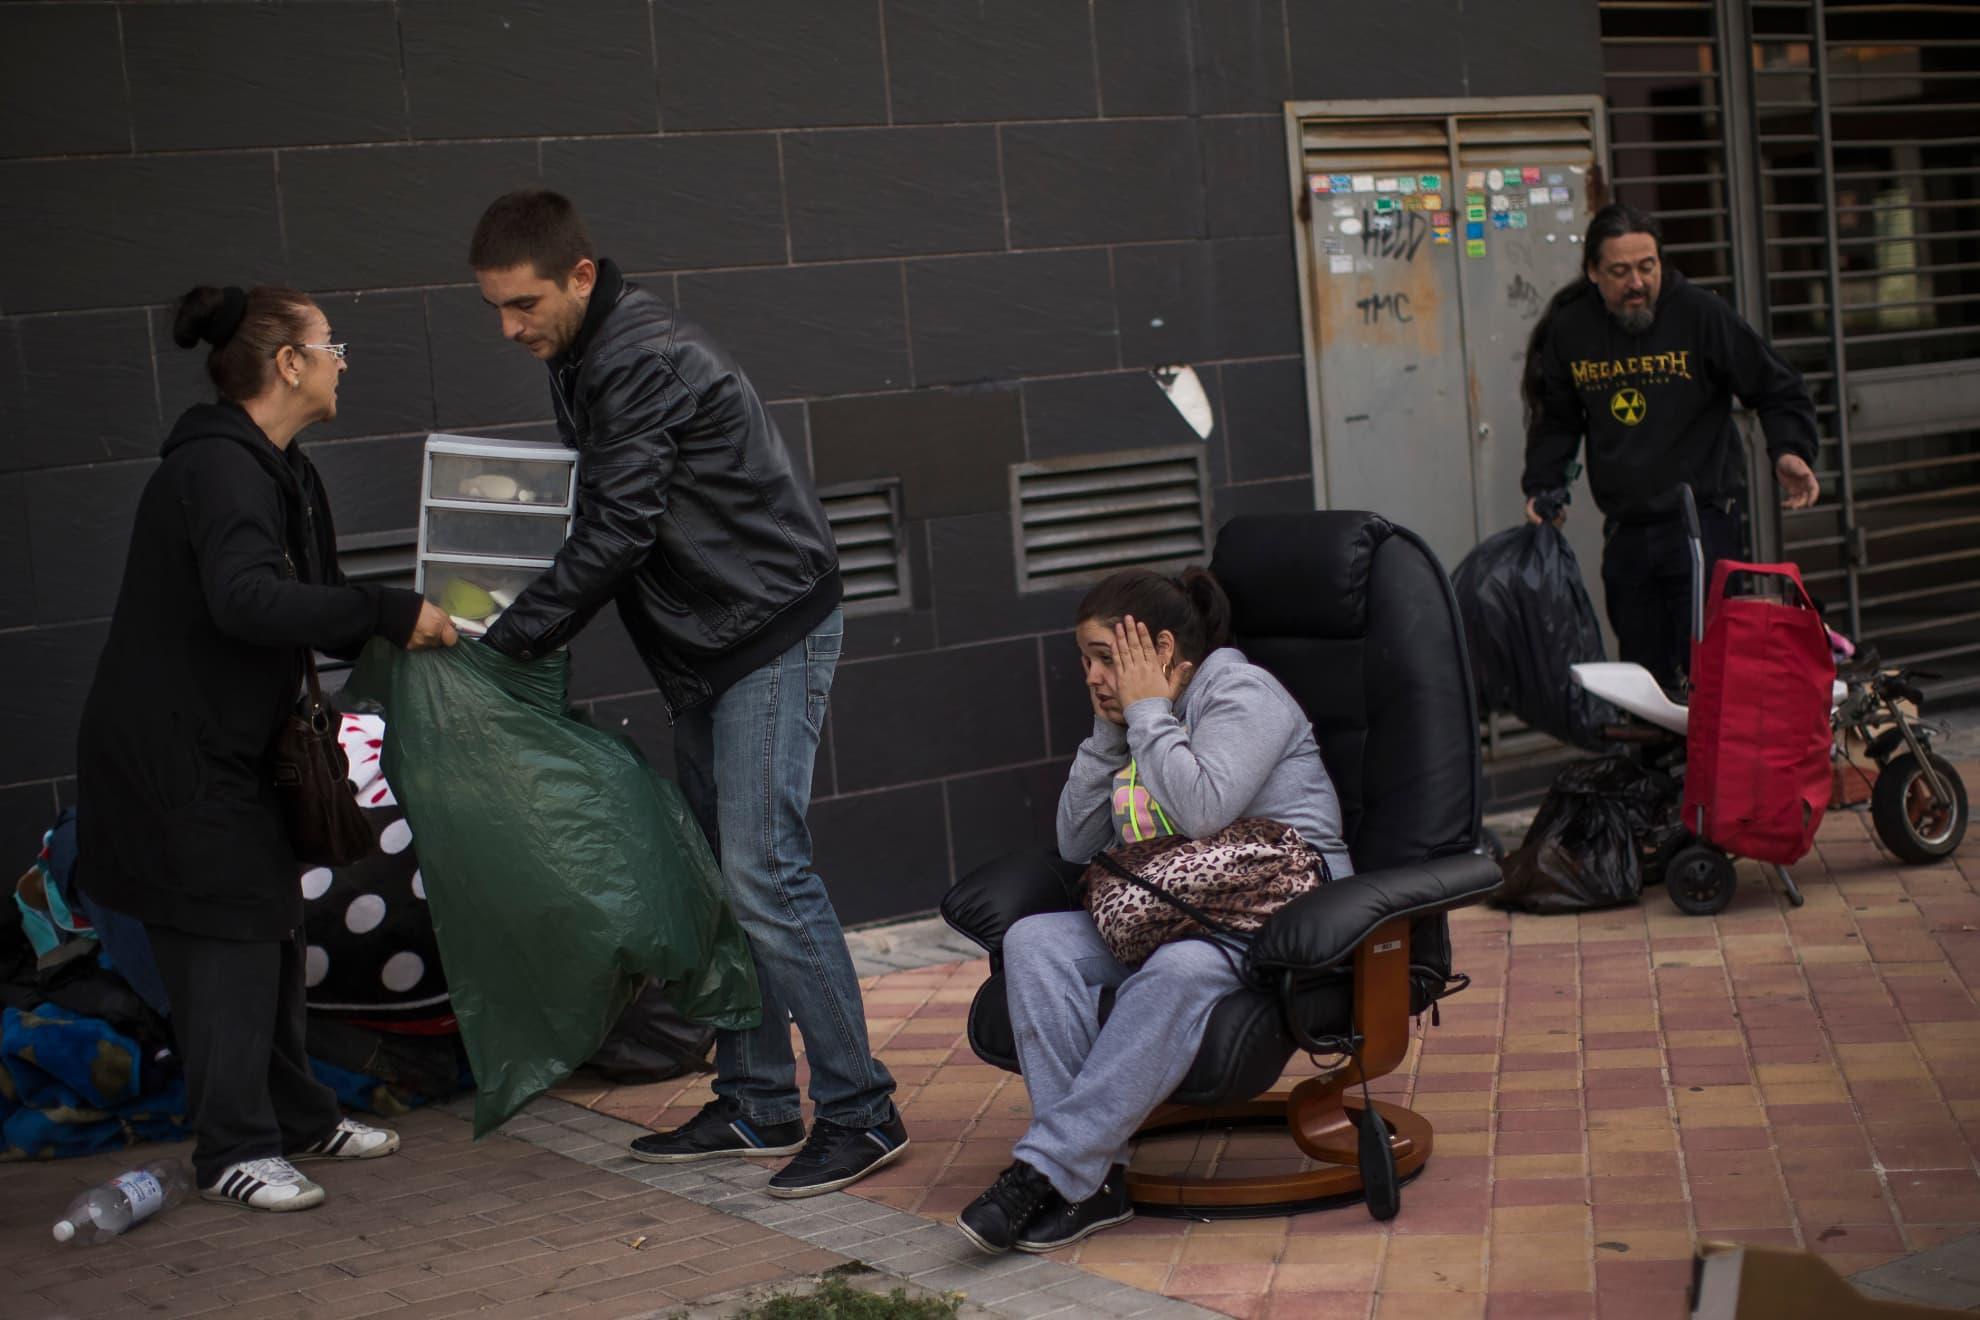 Verónica Labradas, en el centro de la imagen, permanece fuera de su vivienda con sus pertenencias tras haber sido desahuciada junto a su familia por la Policía en Madrid, el miércoles 22 de octubre de 2014. Labradas y su familia ocuparon un piso hace seis meses al no poder permitirse pagar un alquiler tras perder su negocio.